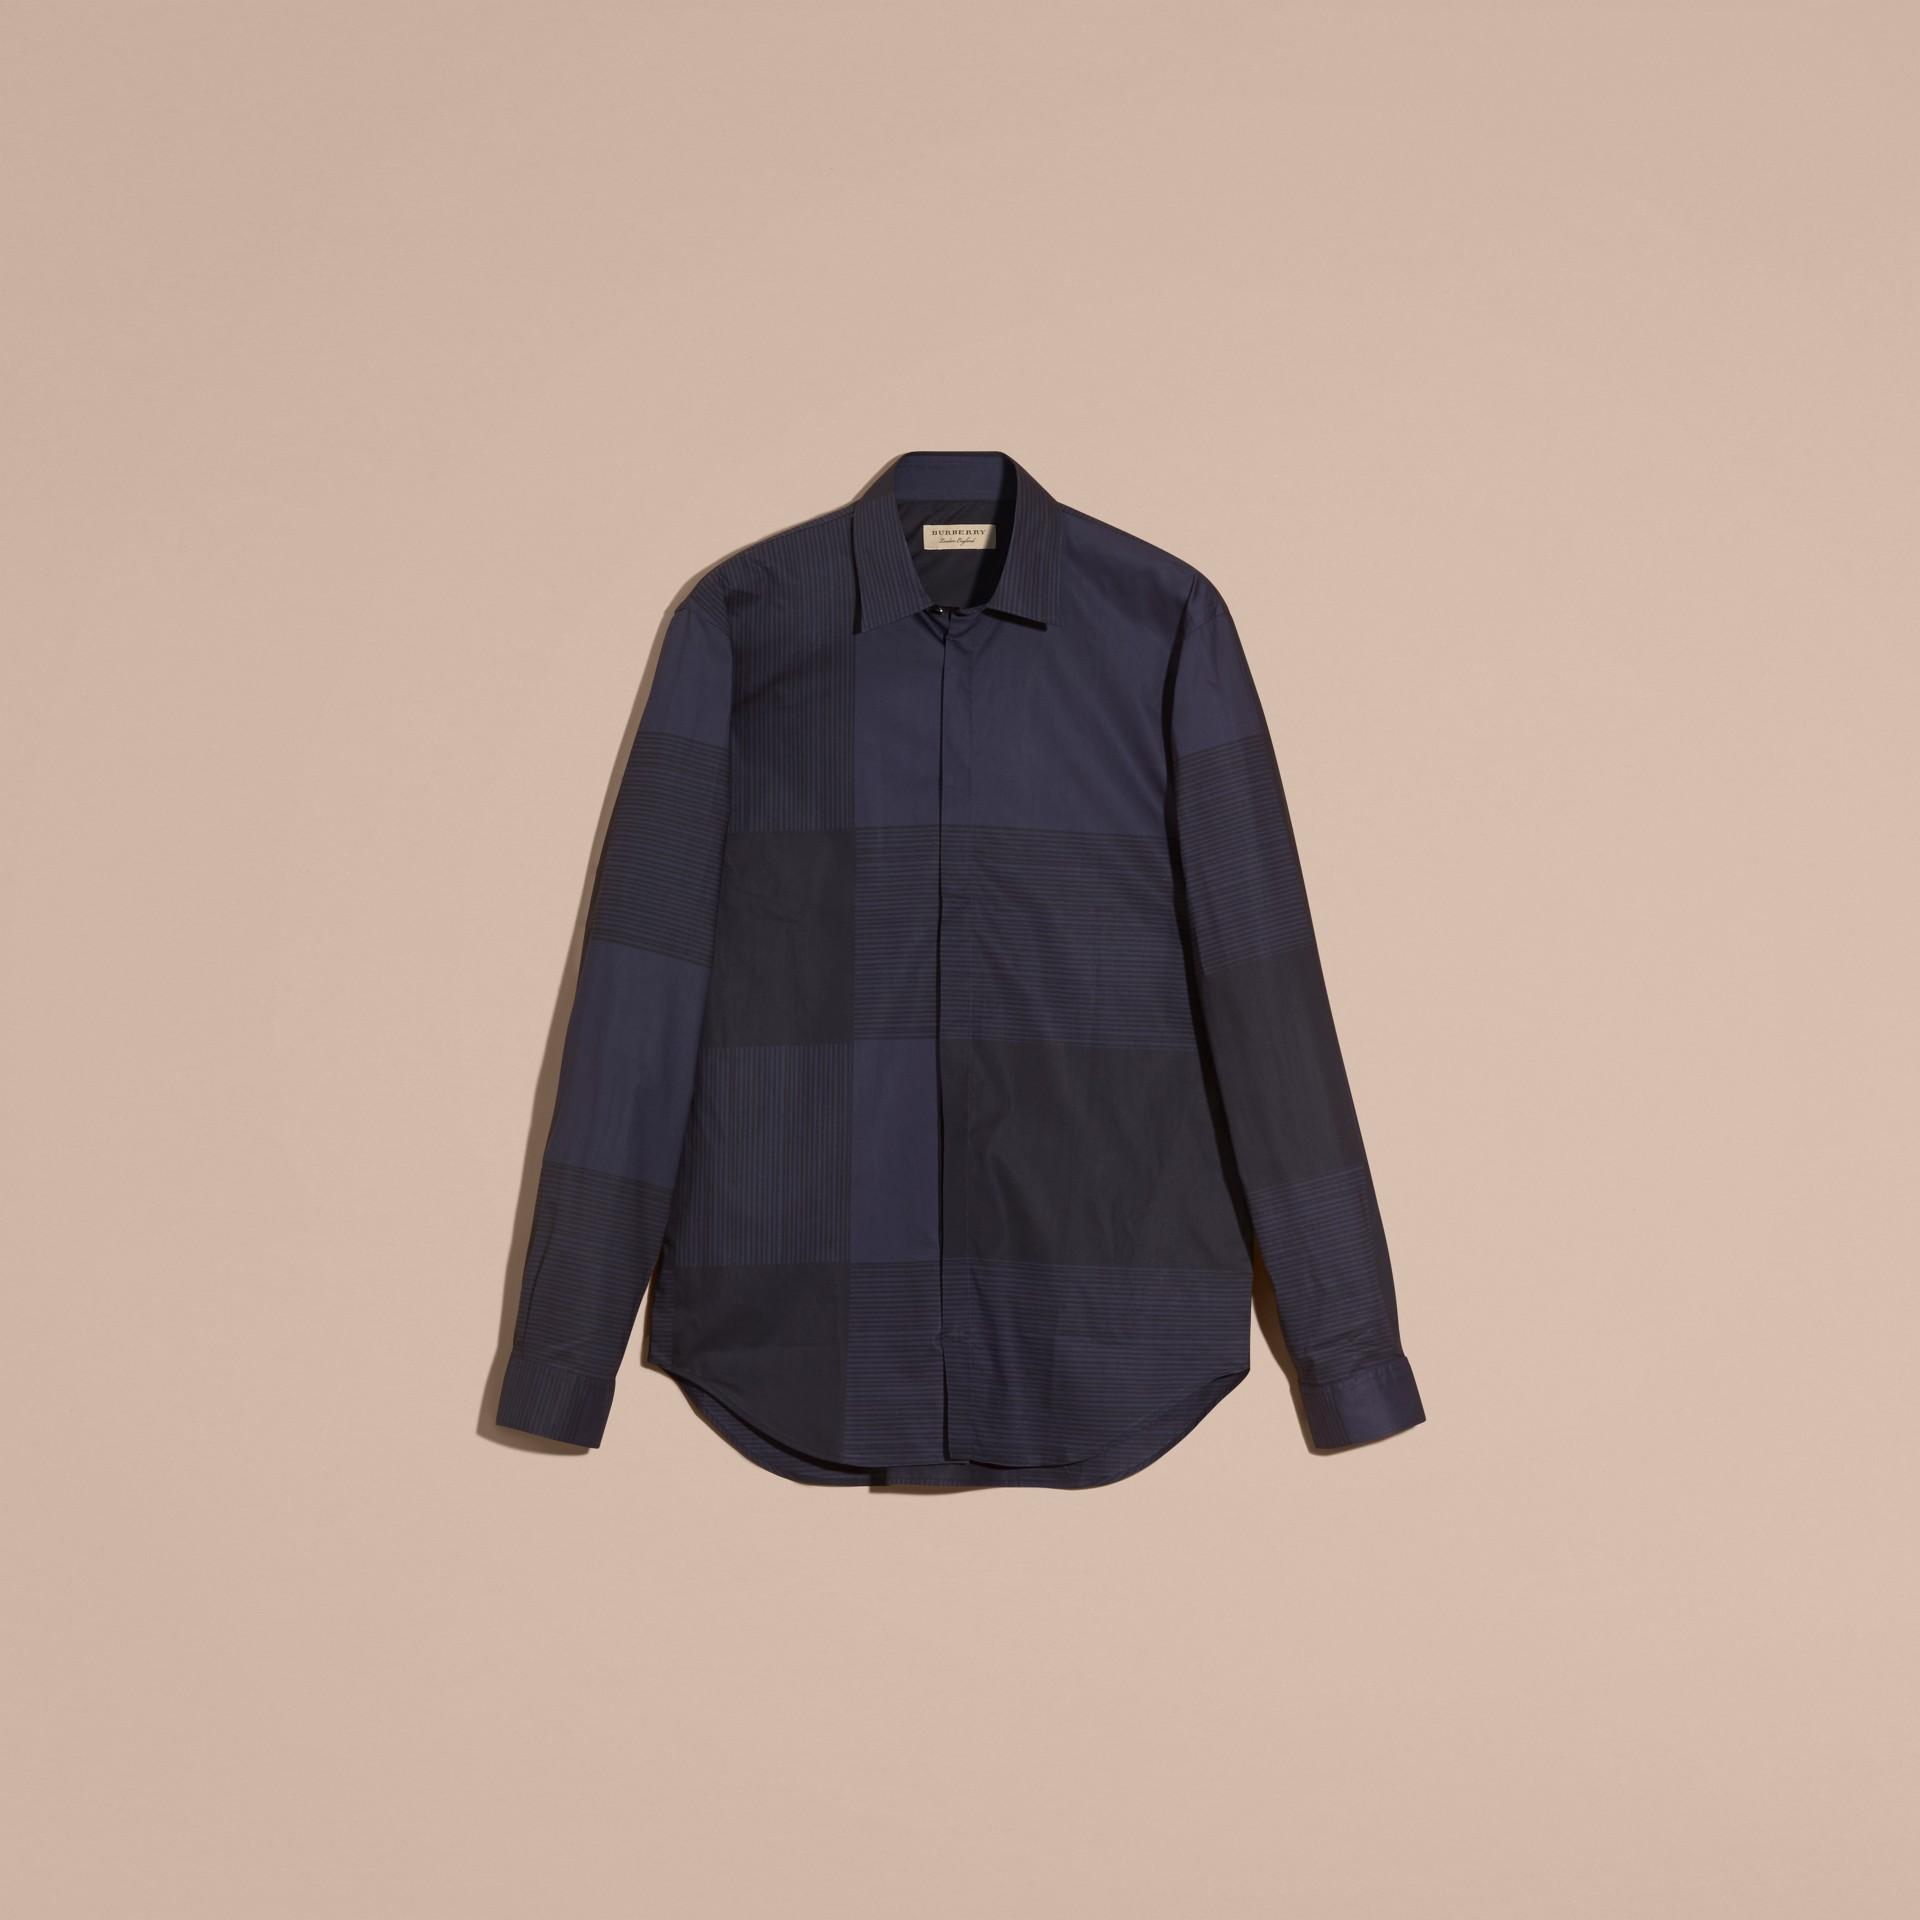 海軍藍 格紋棉質襯衫 海軍藍 - 圖庫照片 4